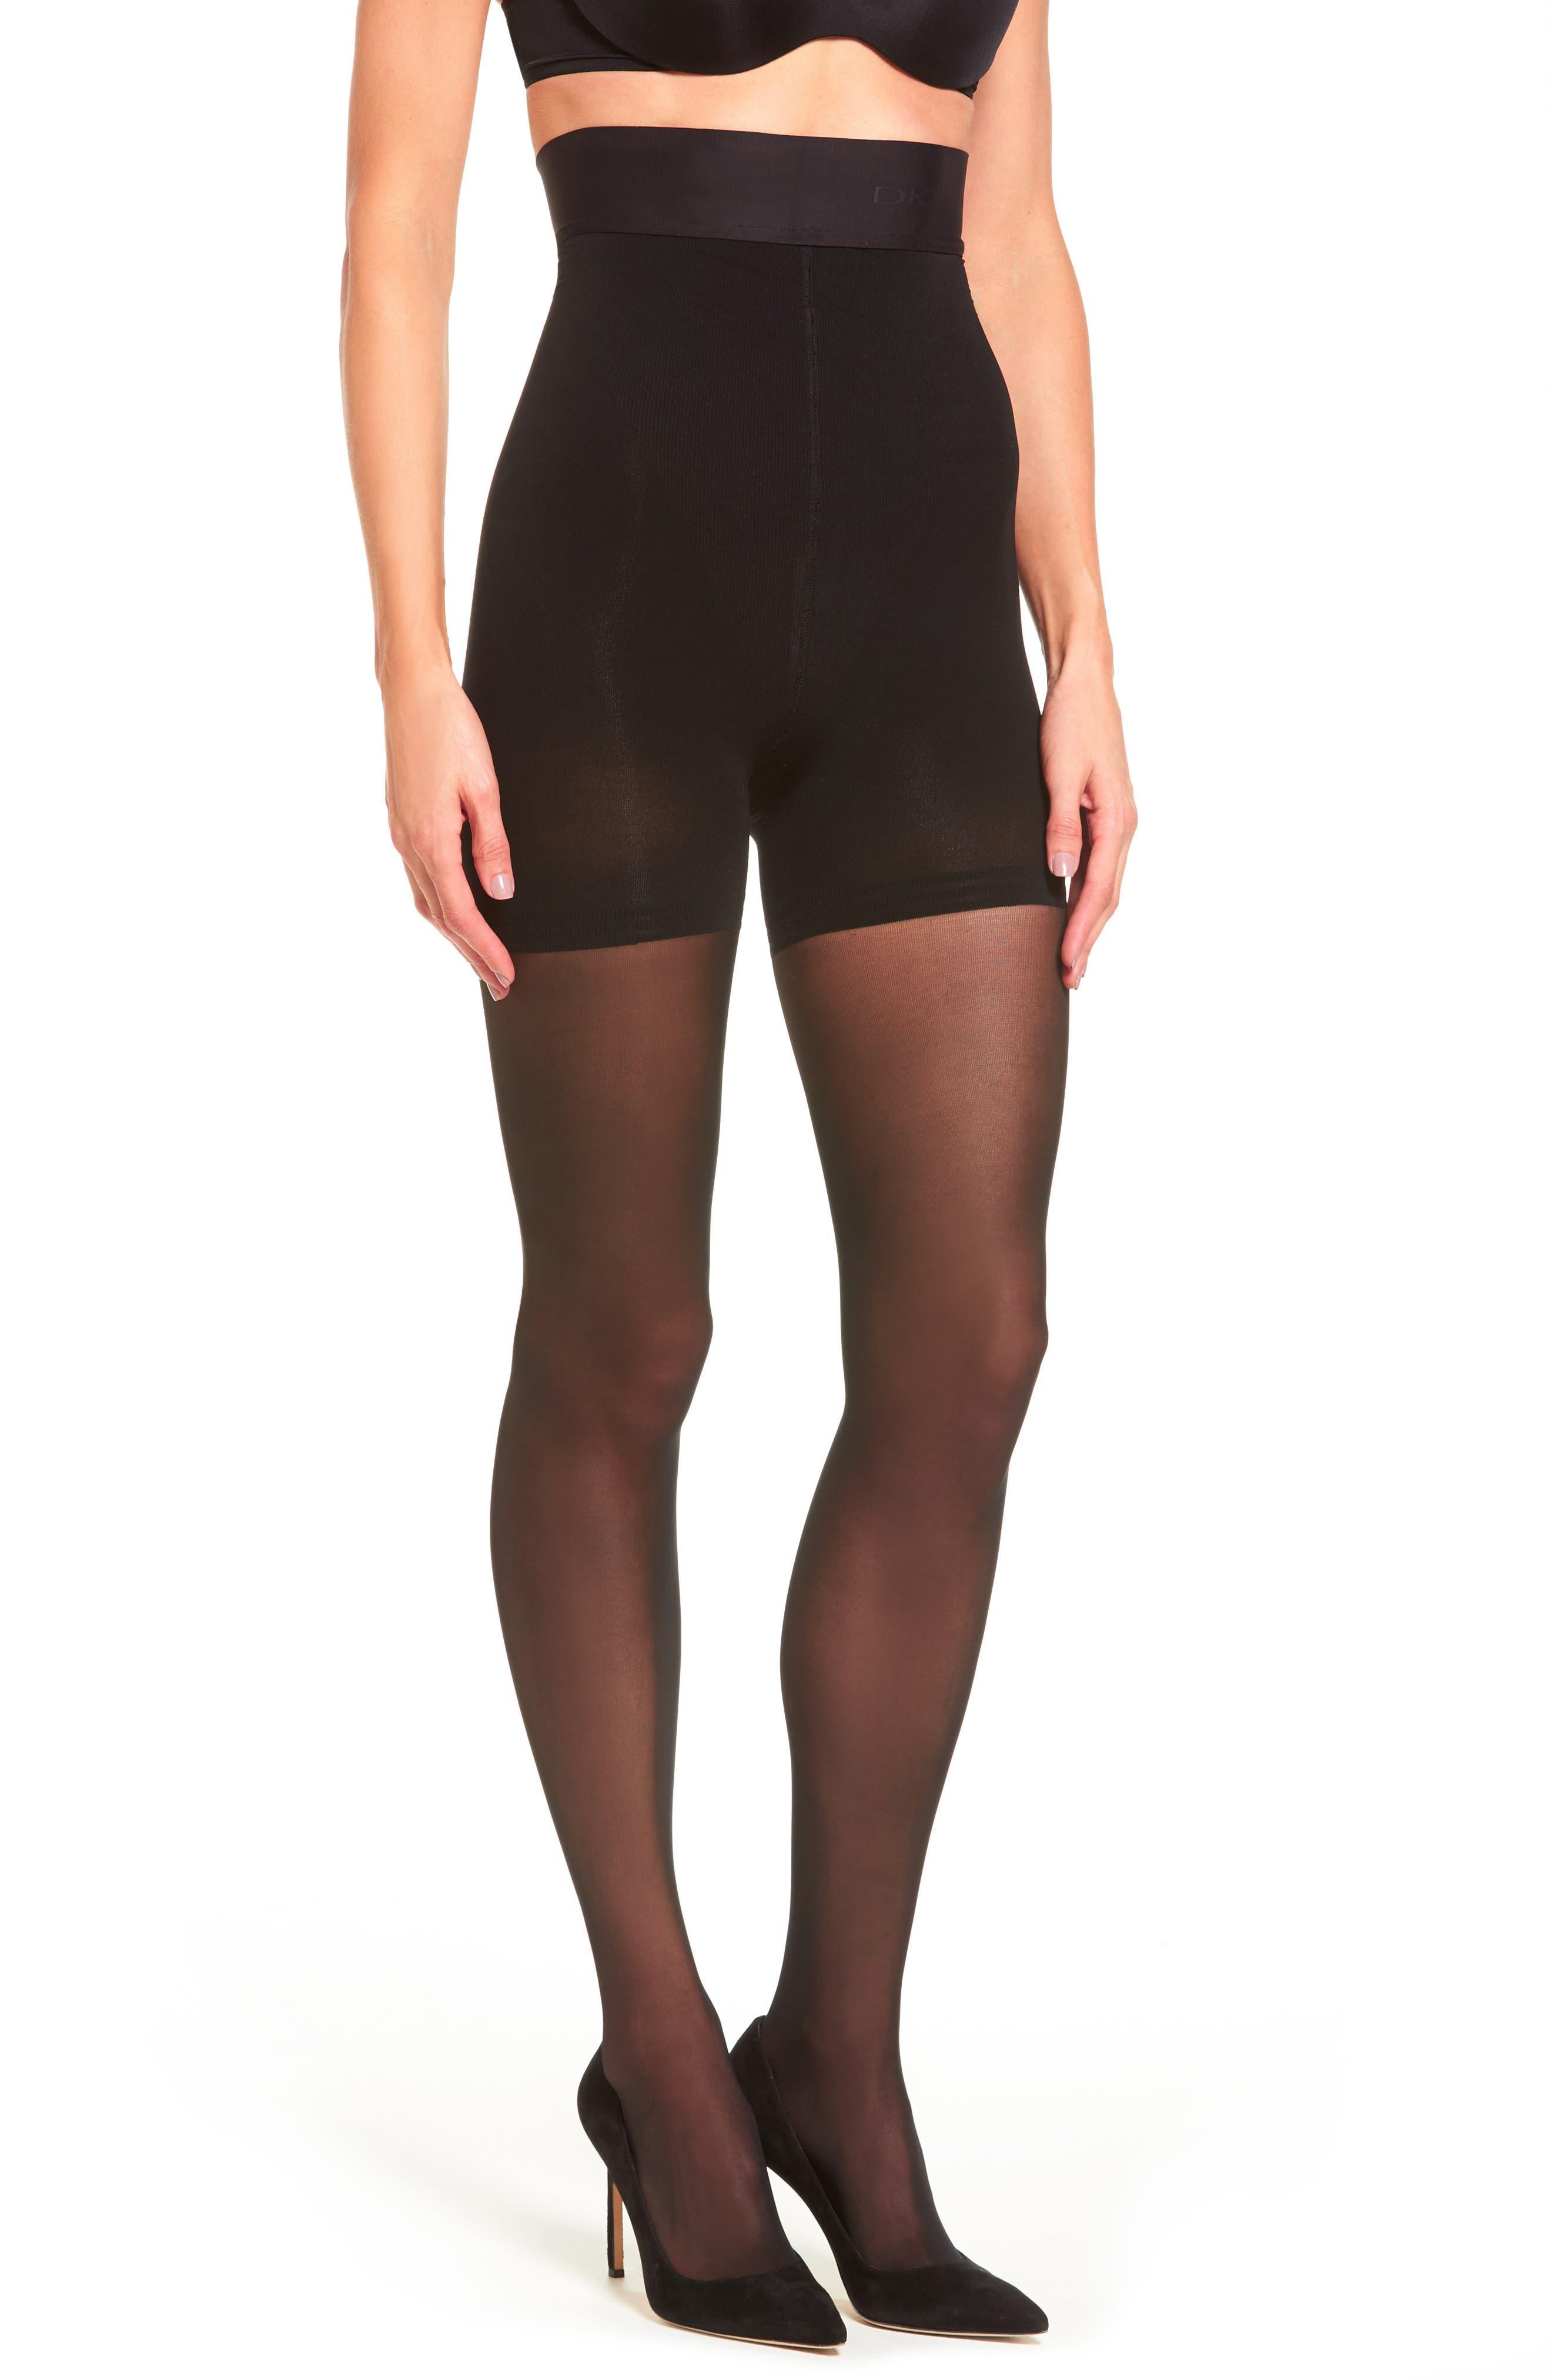 Donna Karan High Waist Control Top Pantyhose